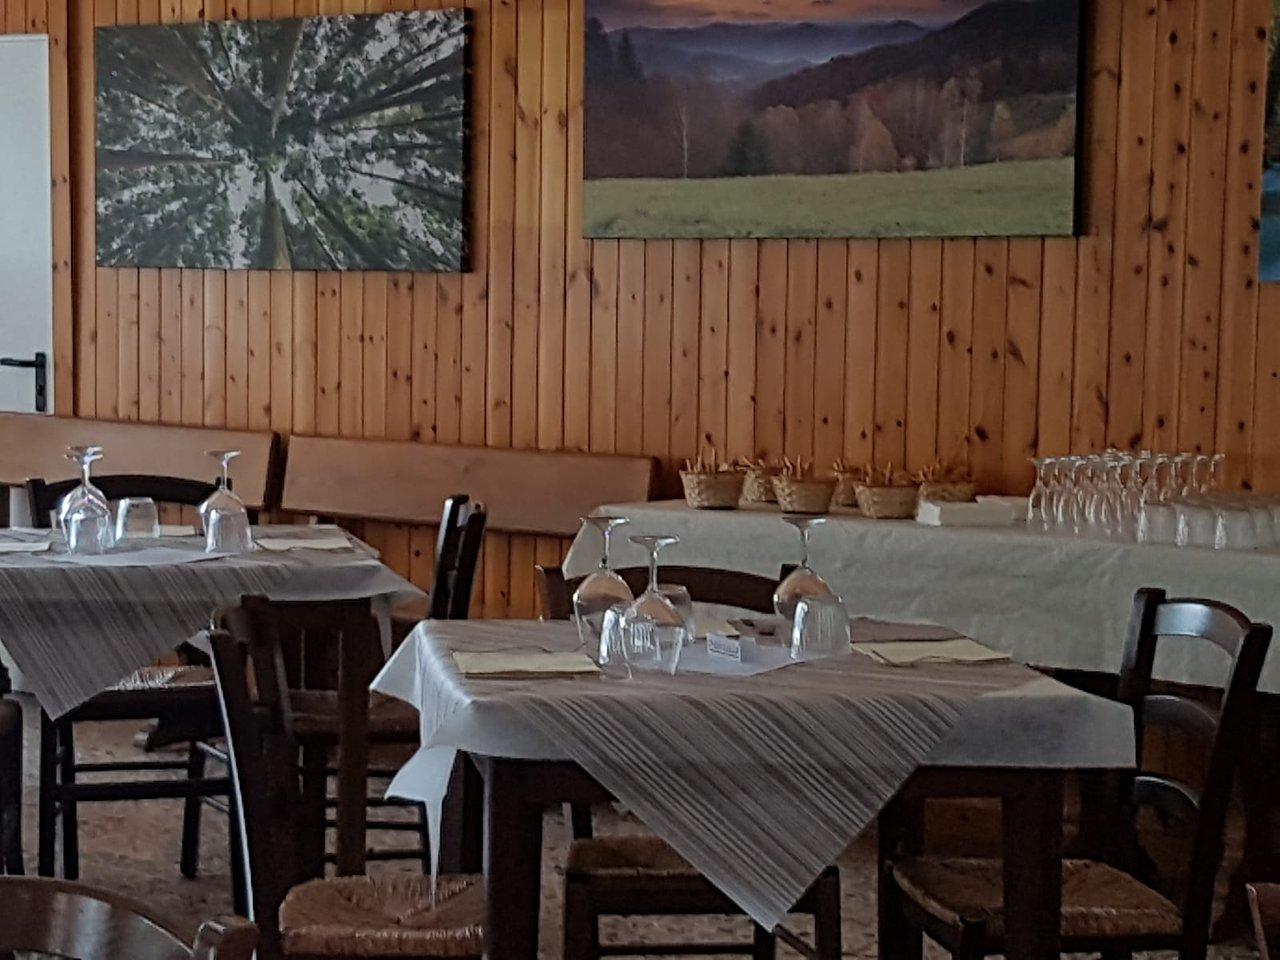 Al Km 0 - Trattoria Della Cooperativa, Sant'Antonino di Susa